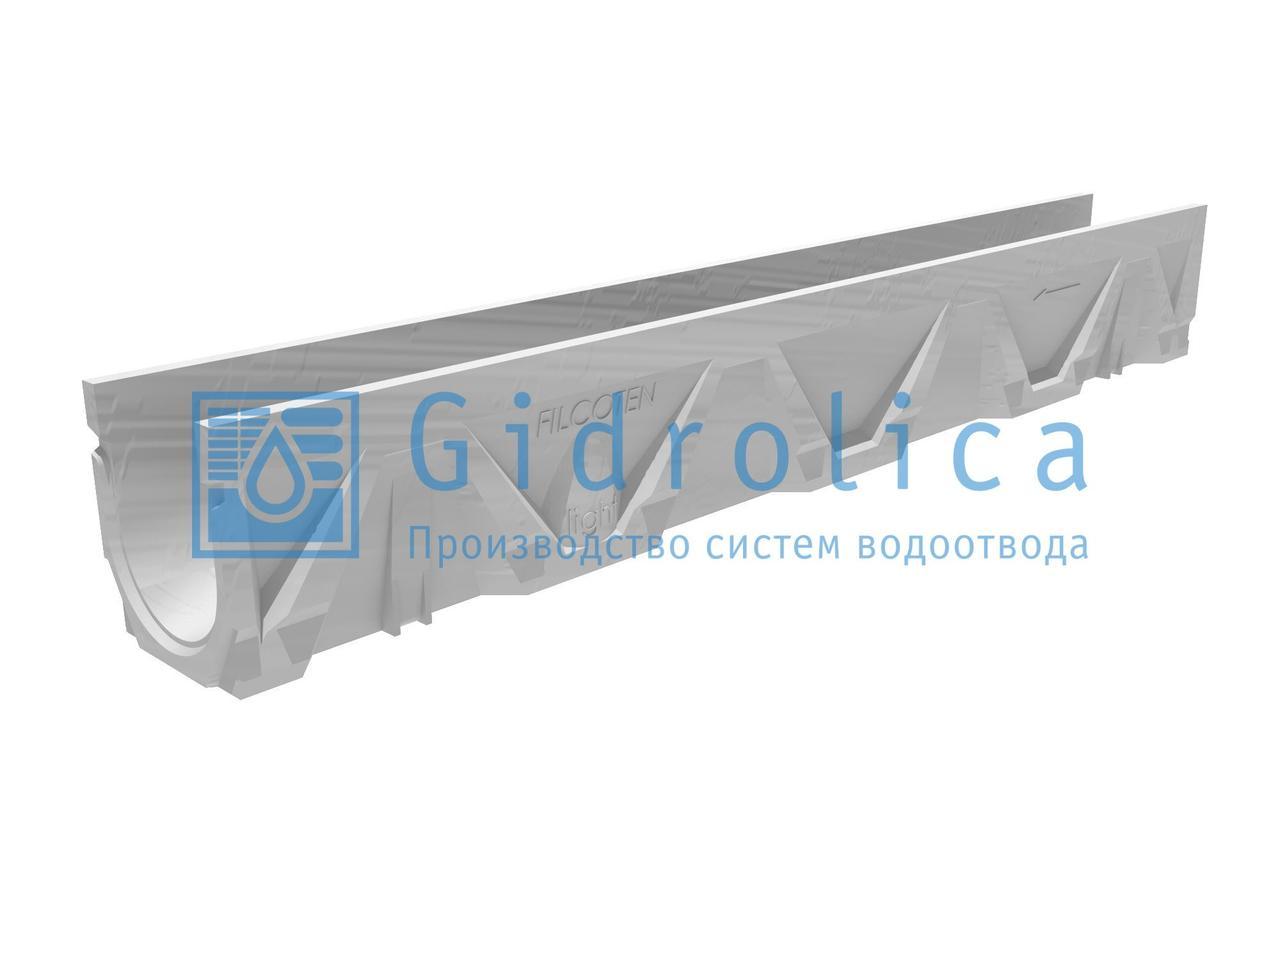 Лоток композитбетонный Filcoten DN100, №0